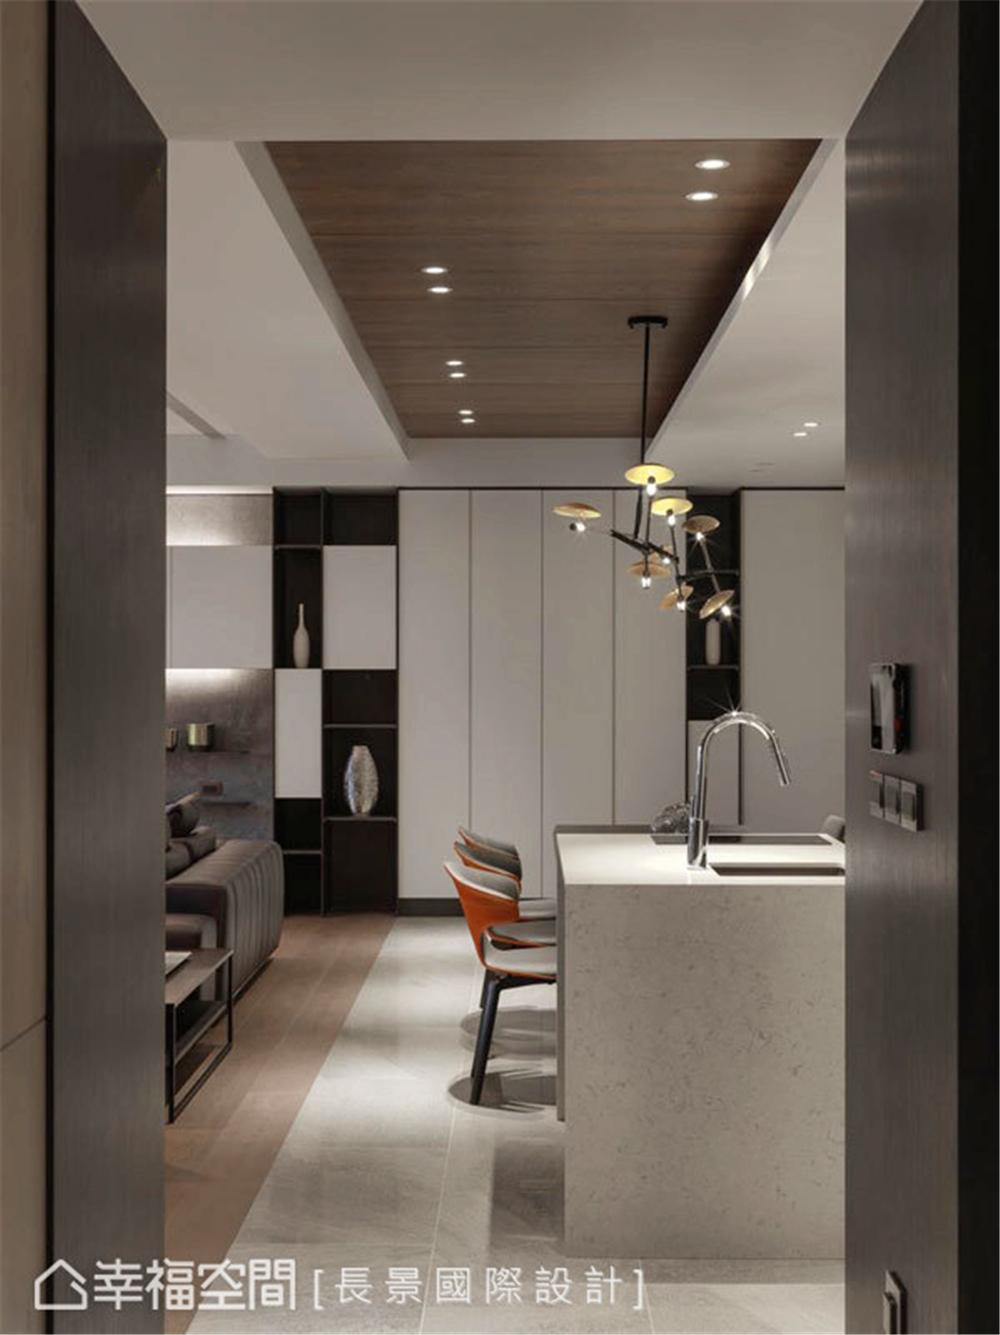 简约 小资 80后 旧房改造 收纳 白领 休闲多元 厨房图片来自幸福空间在漫. 拾光|175平,隔楼上的卧室的分享